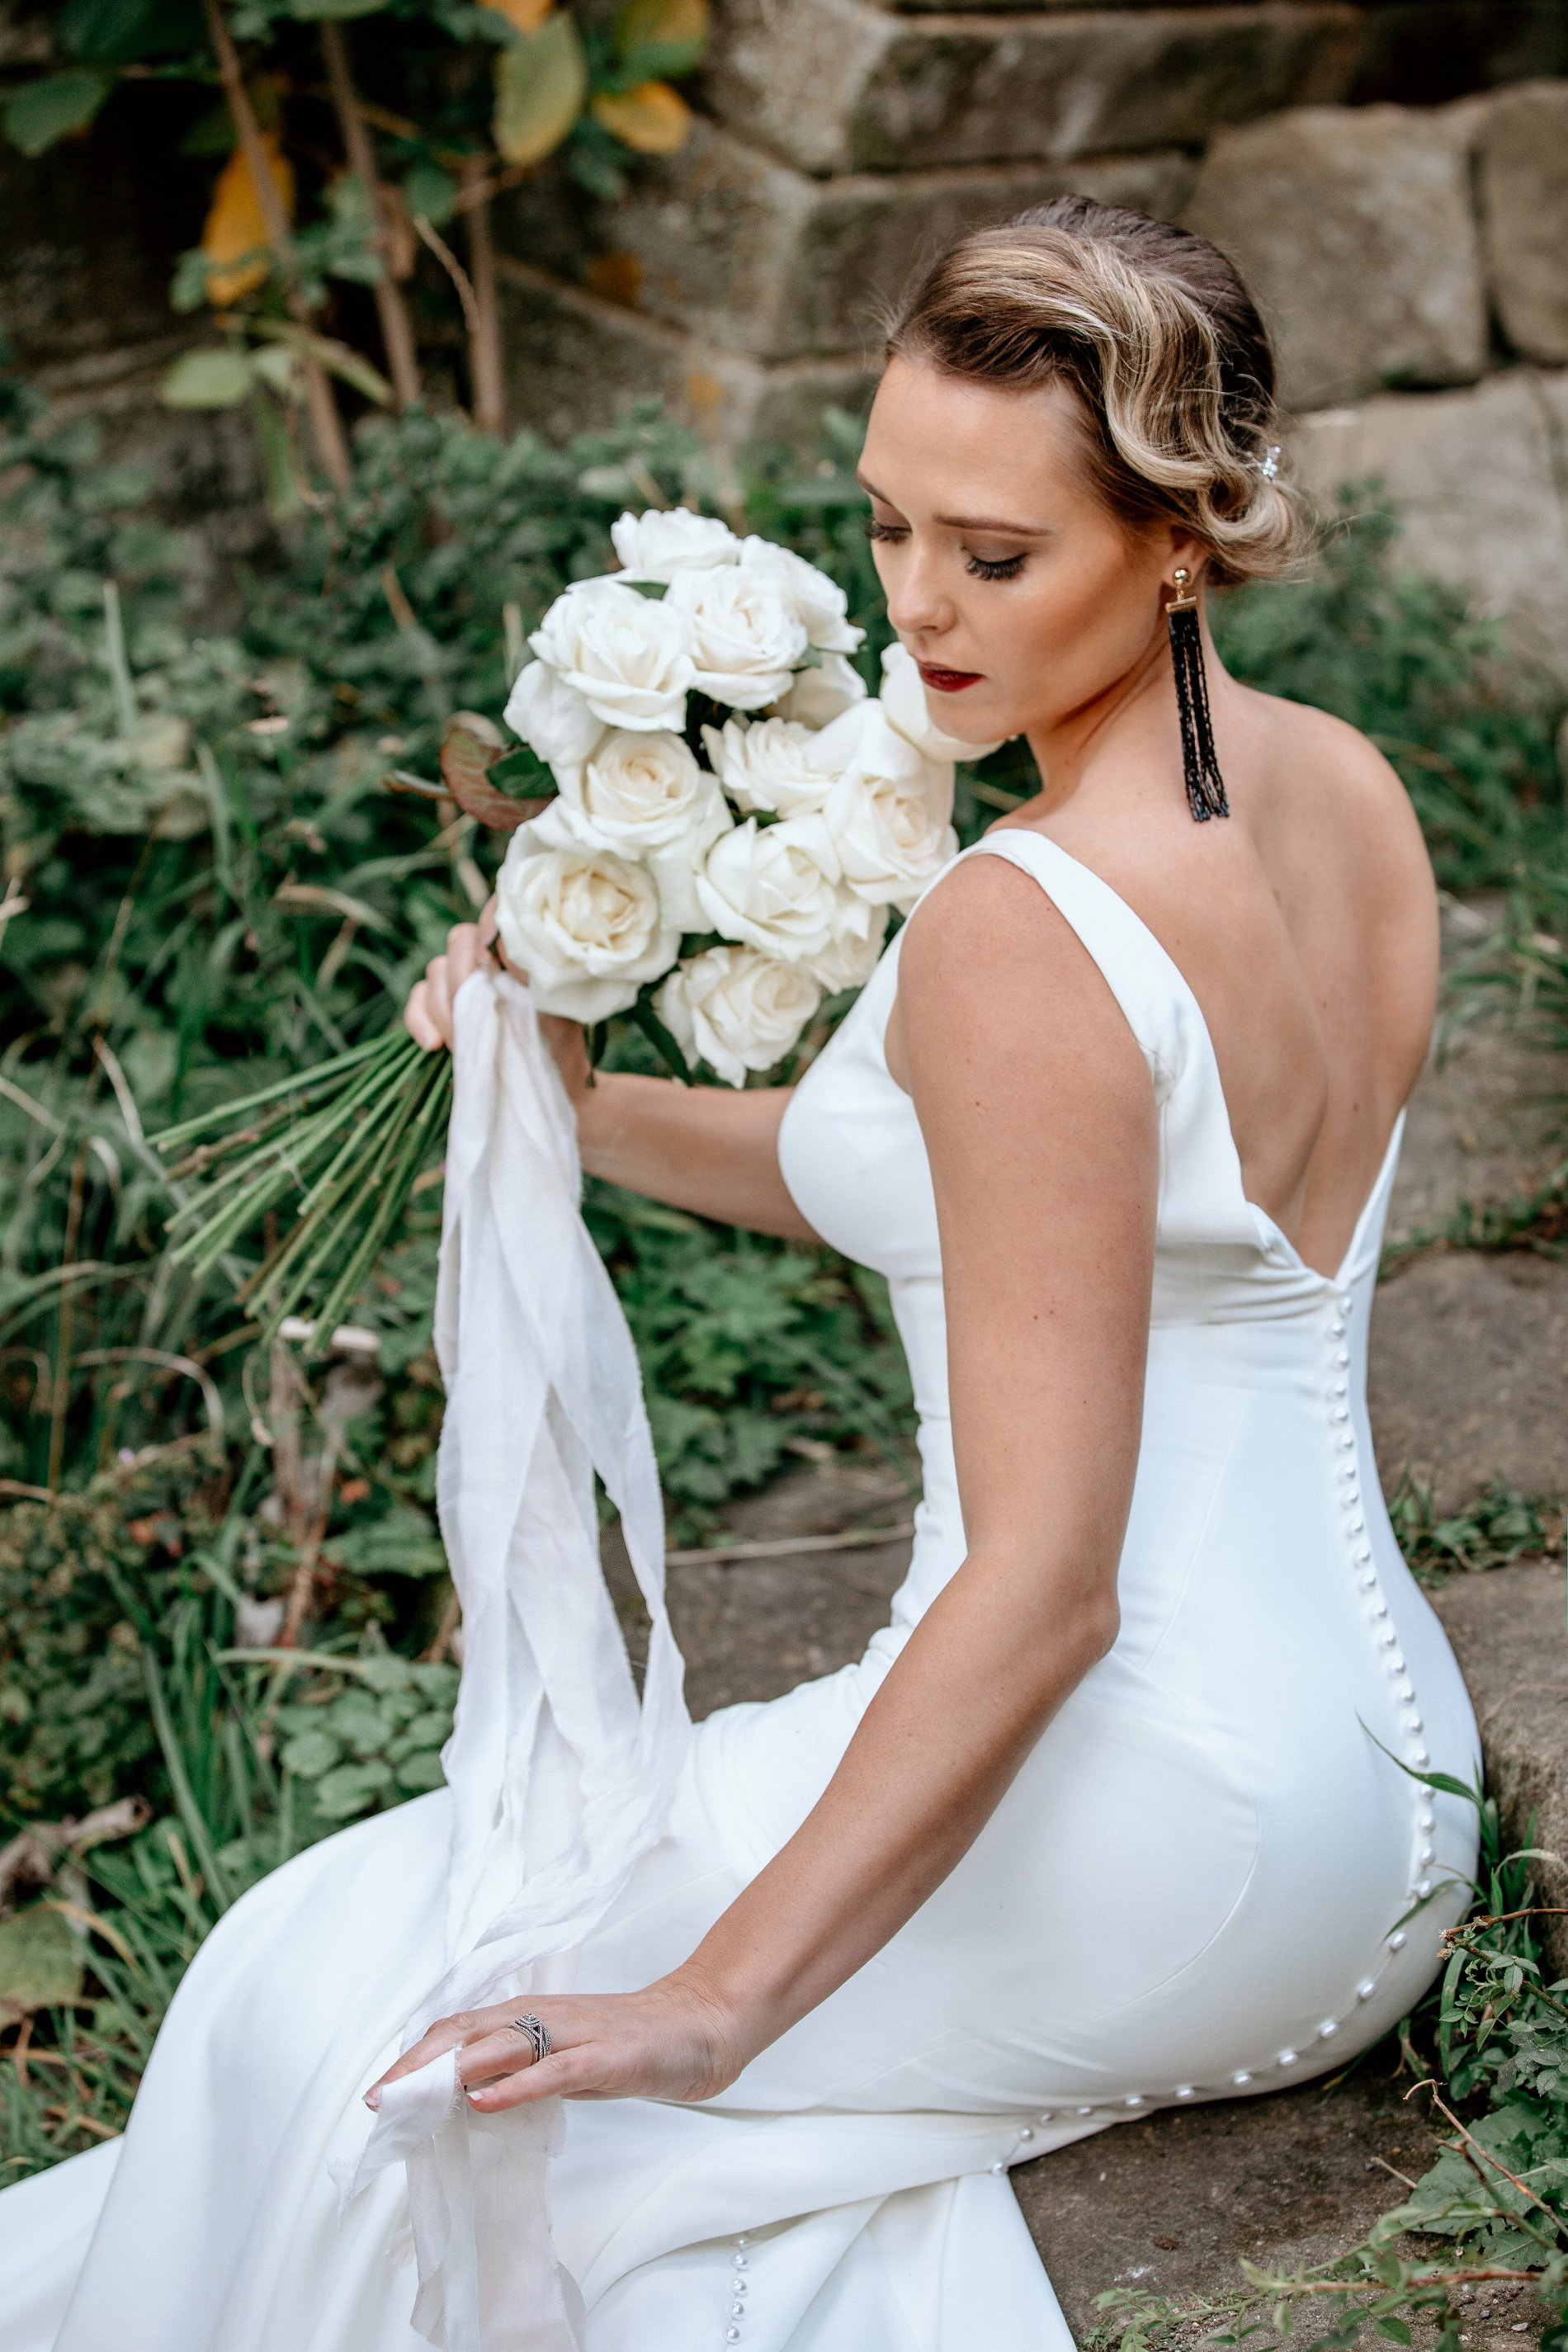 An Elegant Wedding Shoot at Jervaulx Abbey (c) Natalie Hamilton Photography (17)